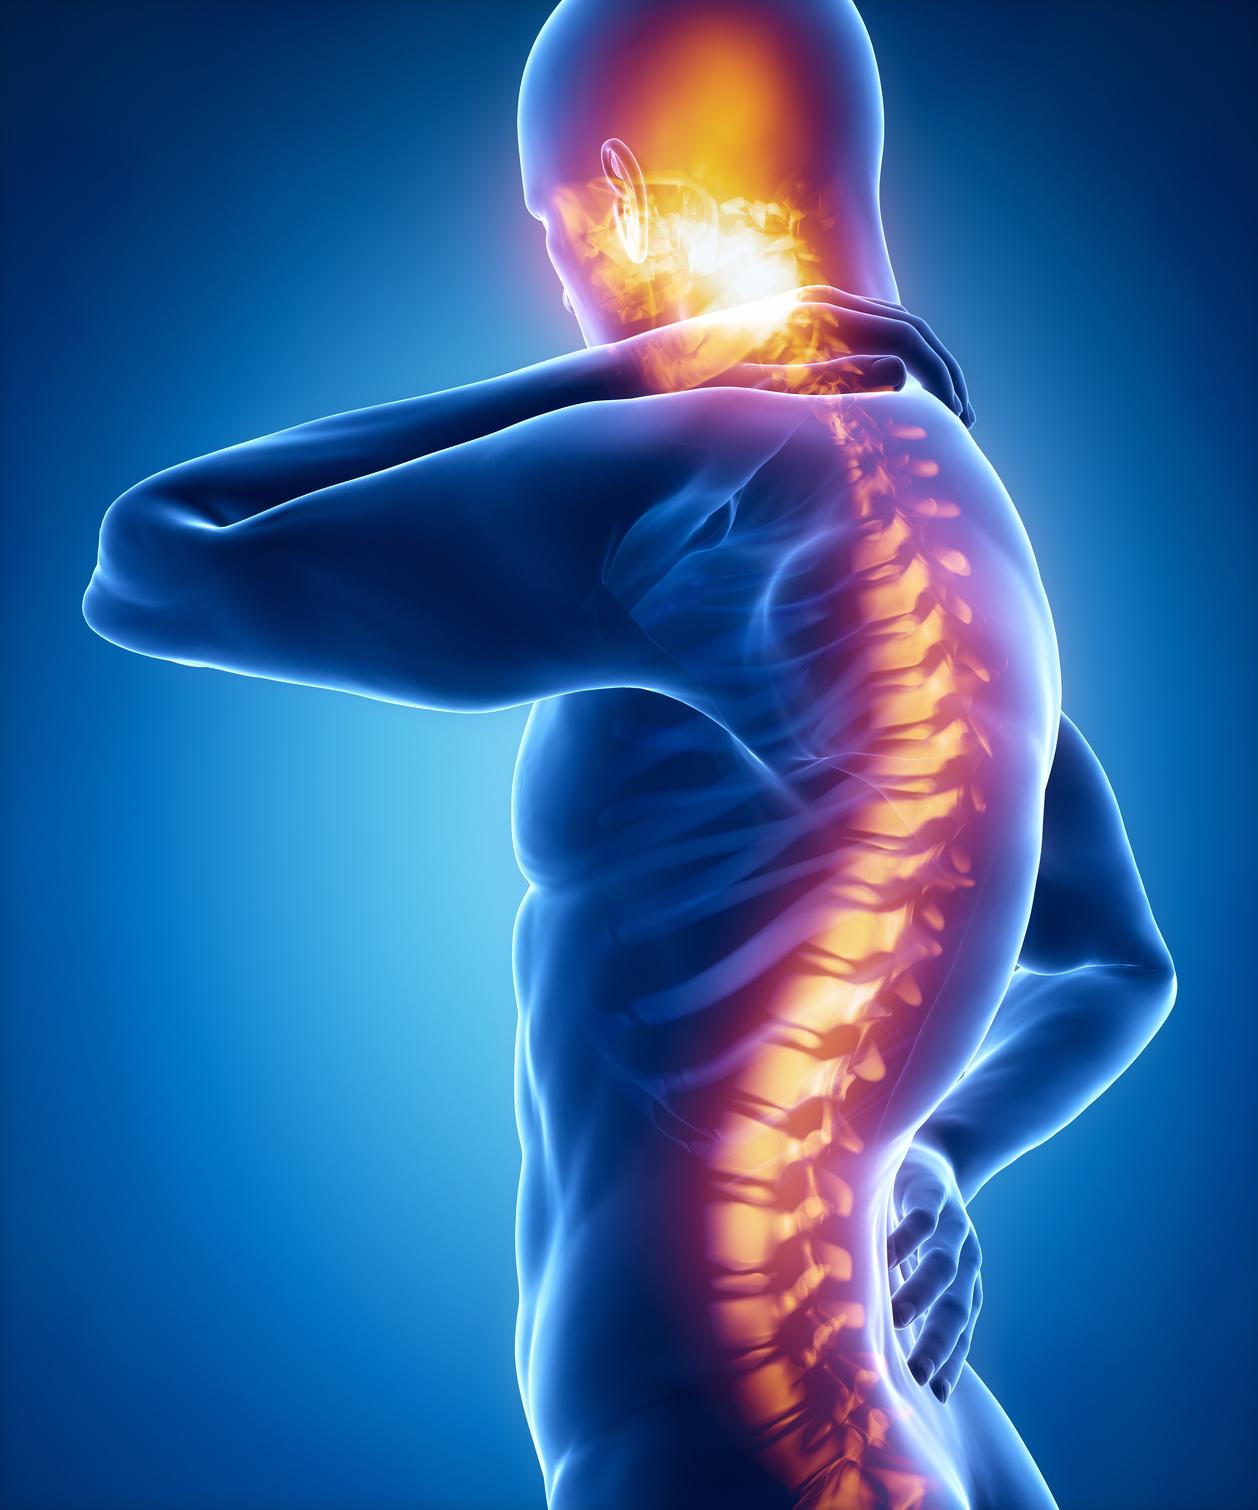 Wirbelsäulenschmerzen im Sakral- und Halsbereichskonzept